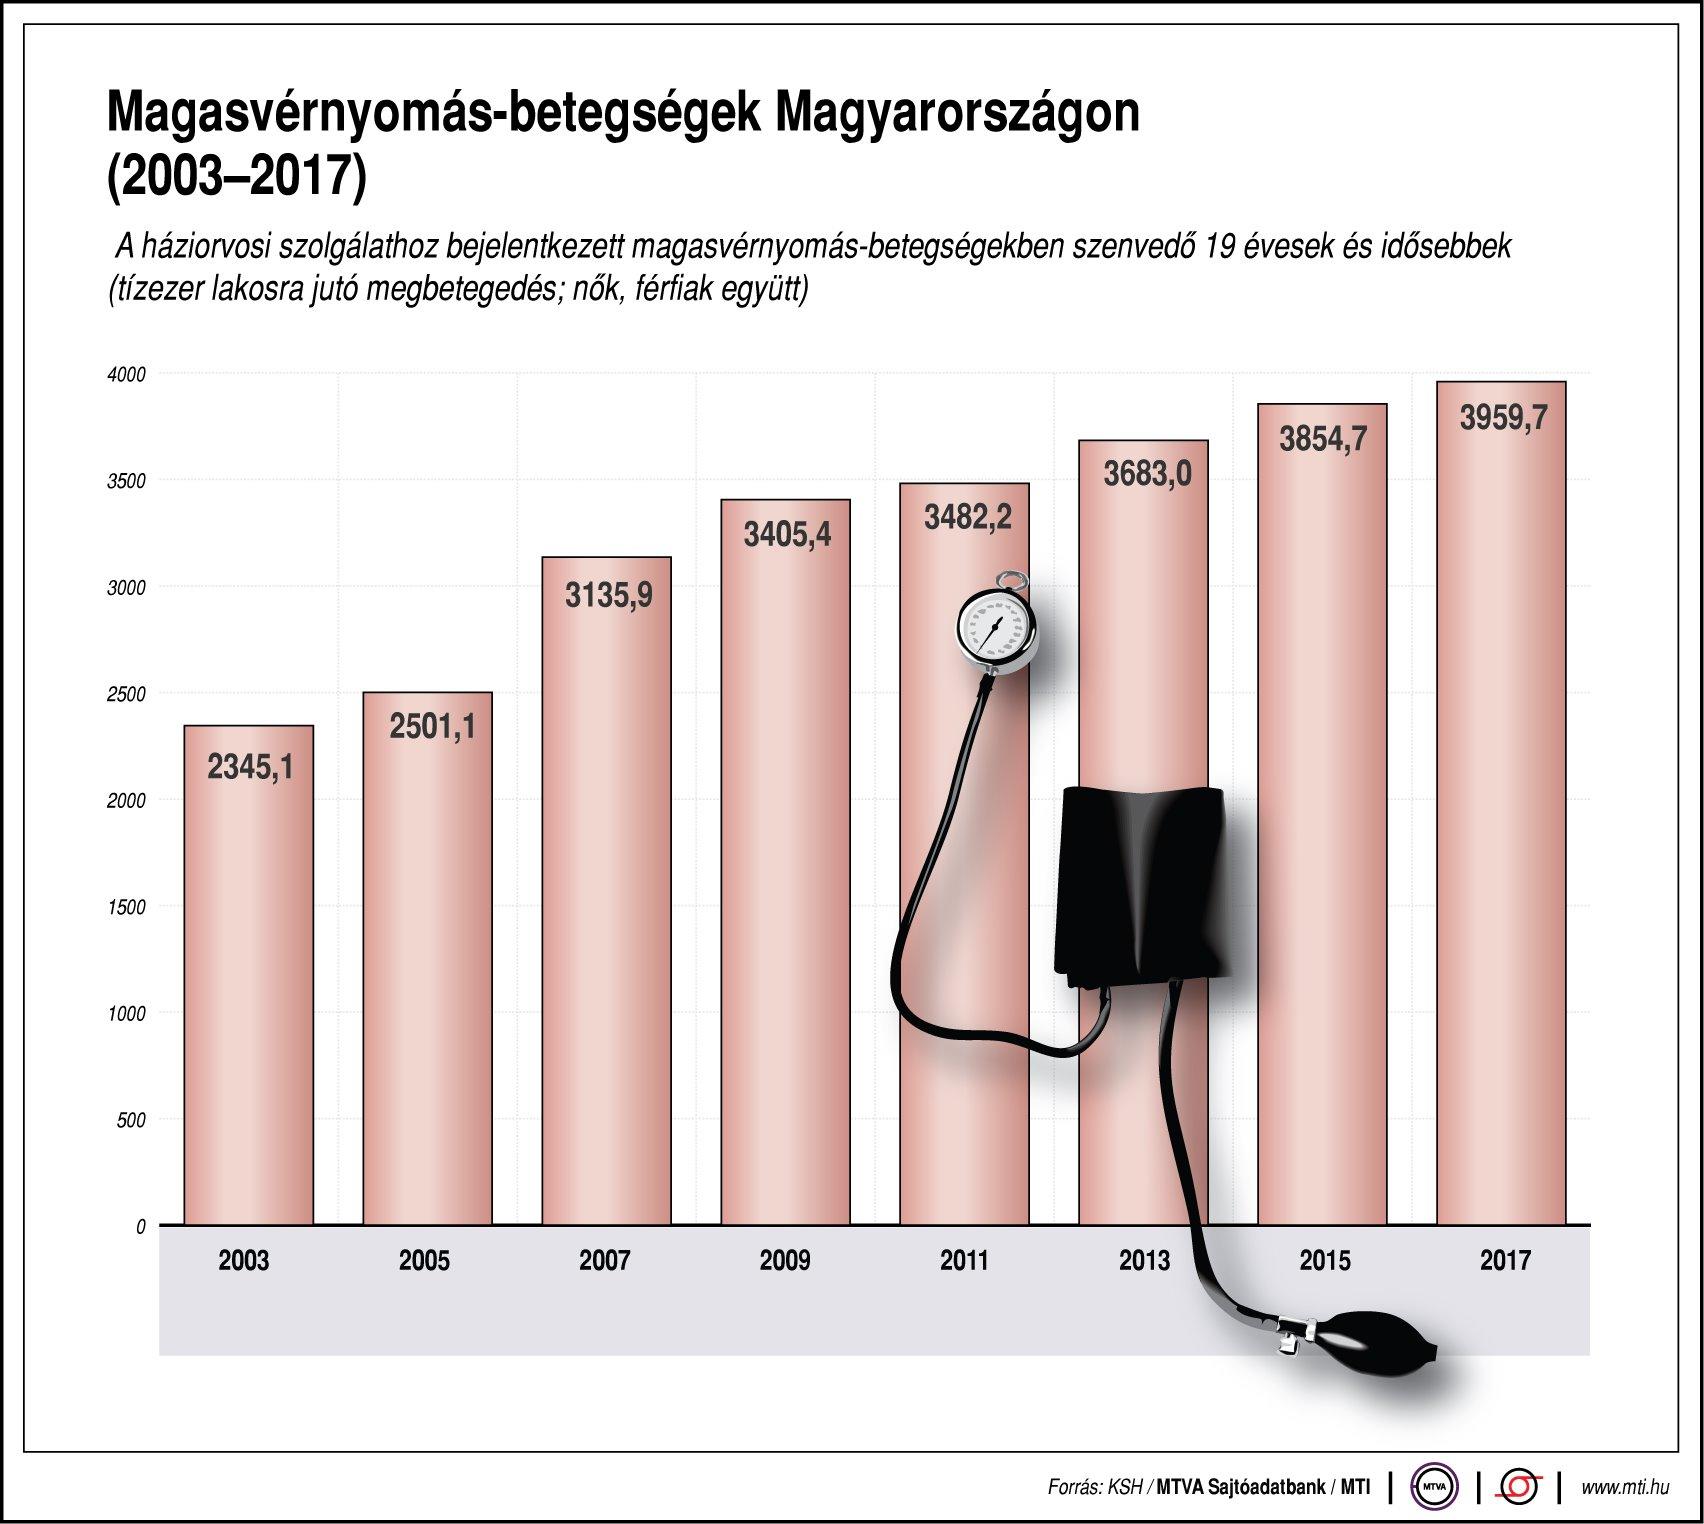 magas vérnyomás harcosa